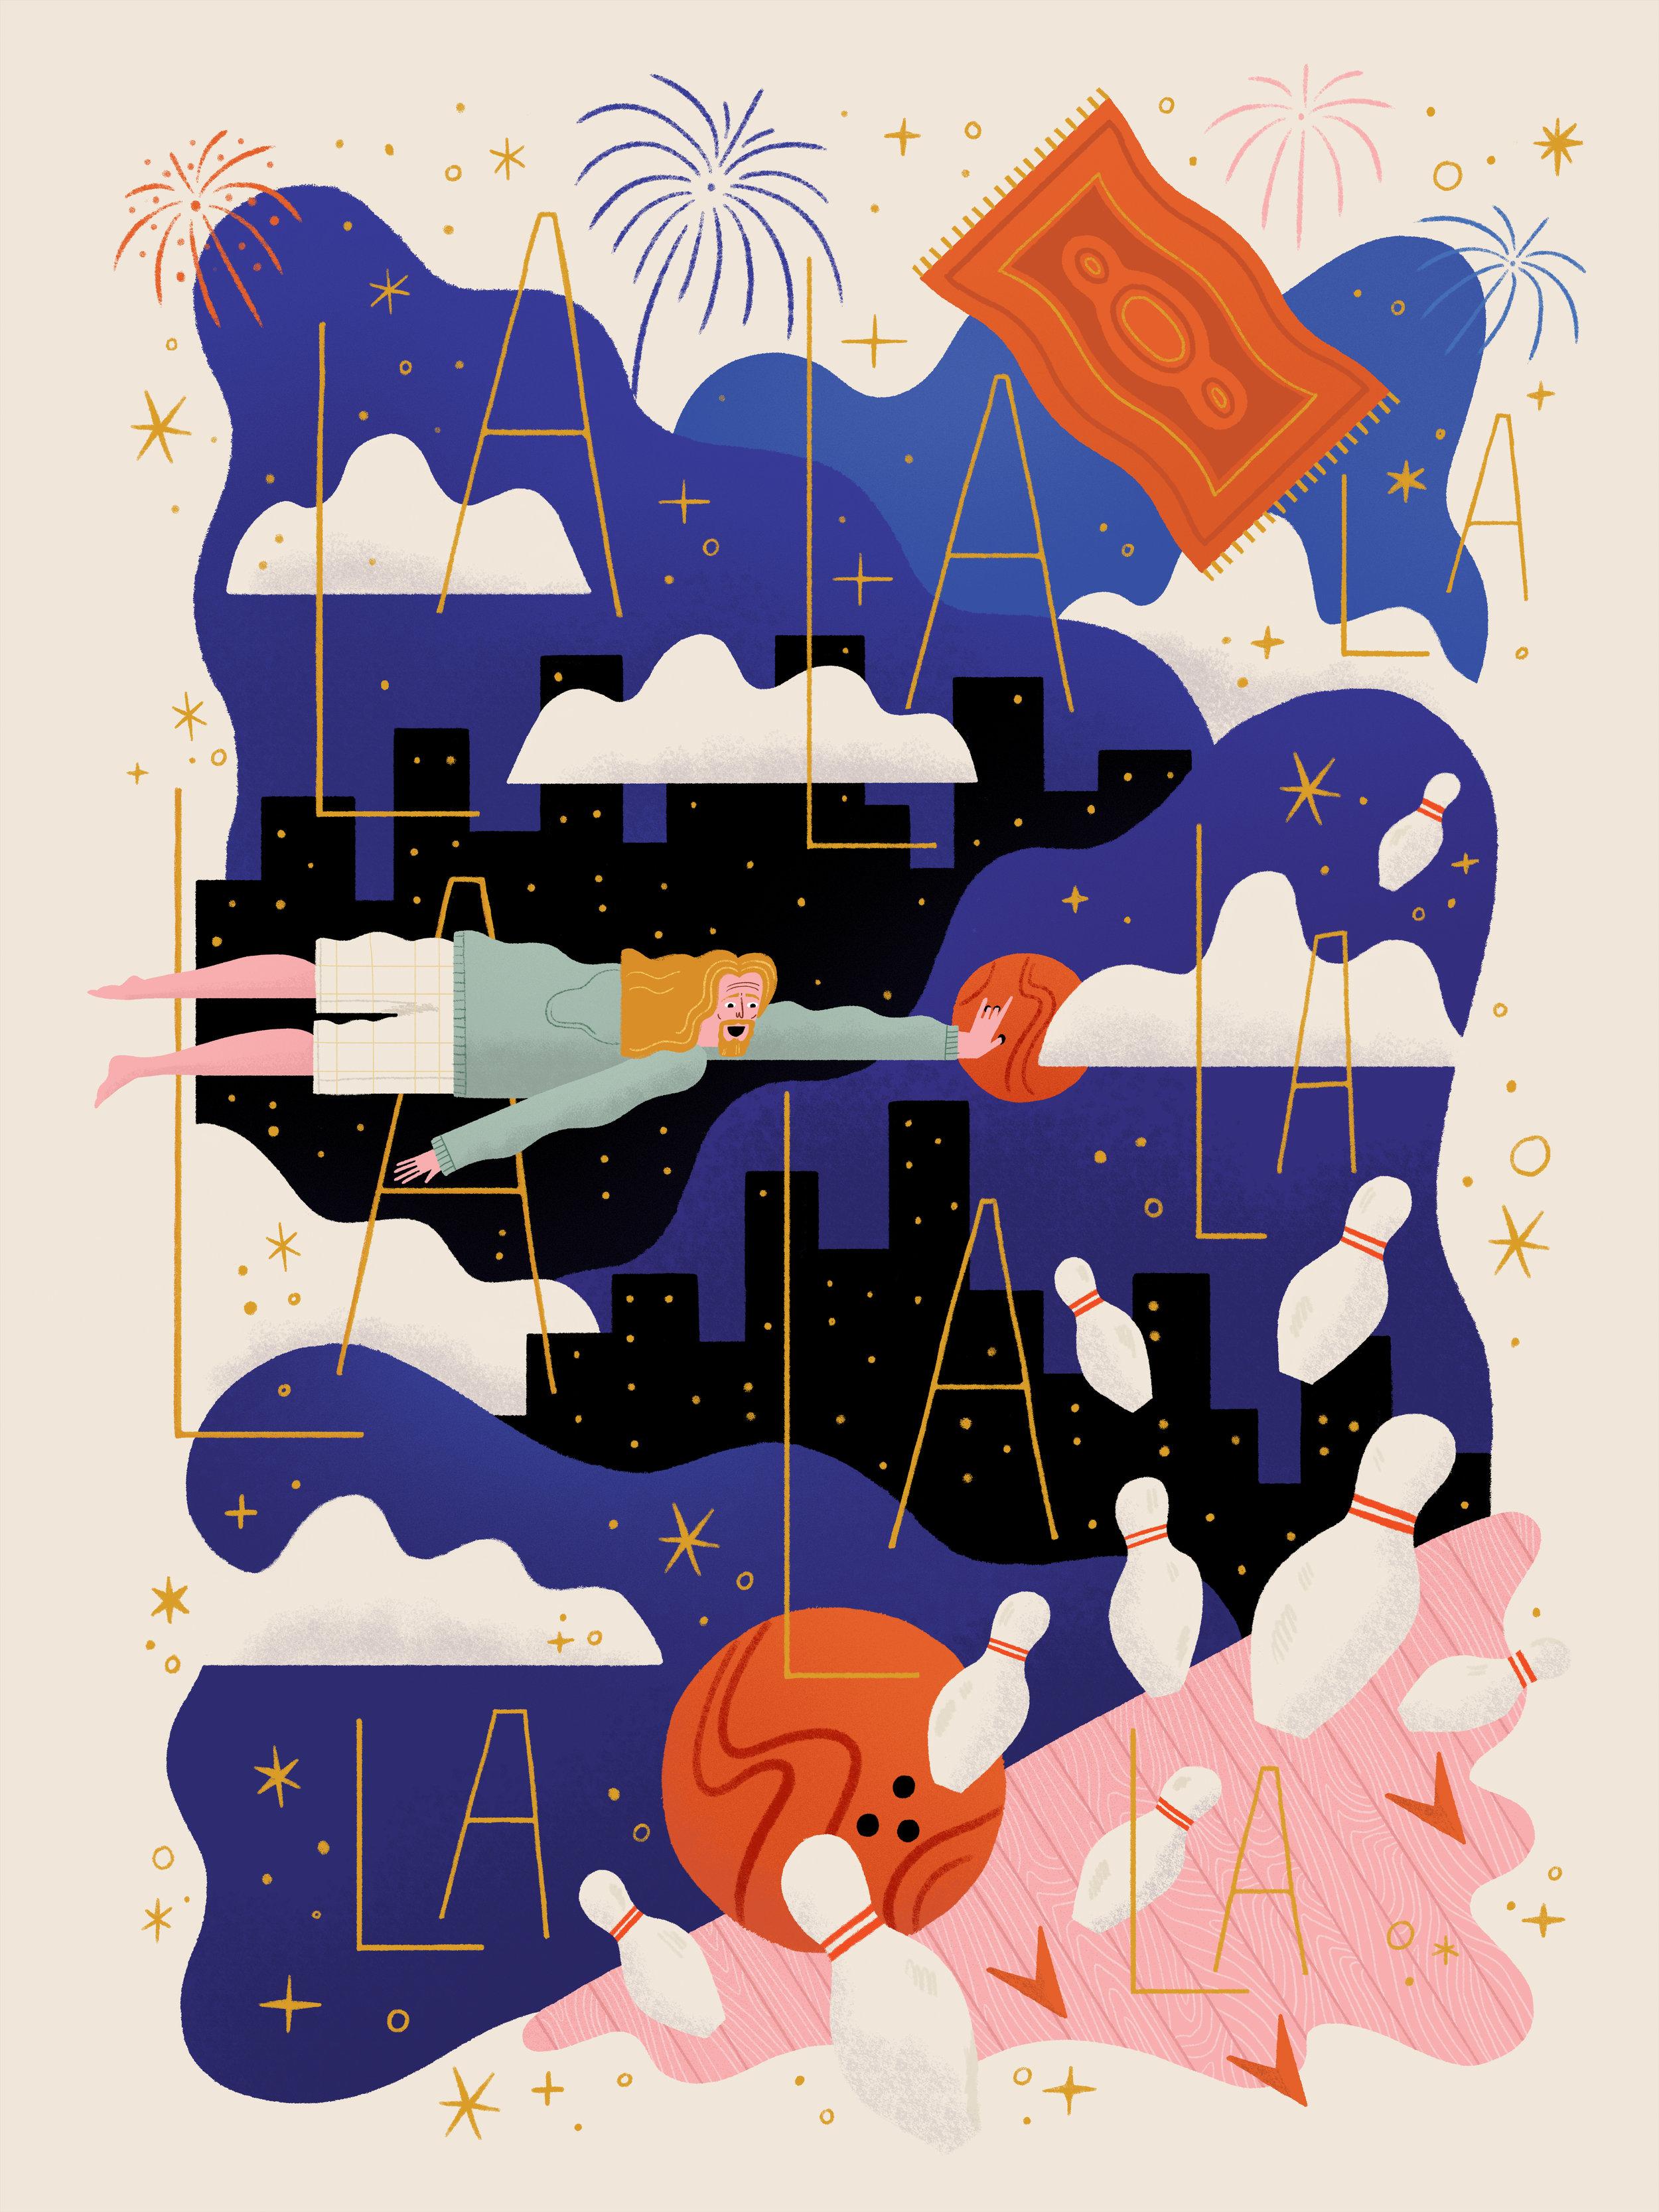 By Mary Kate McDevitt